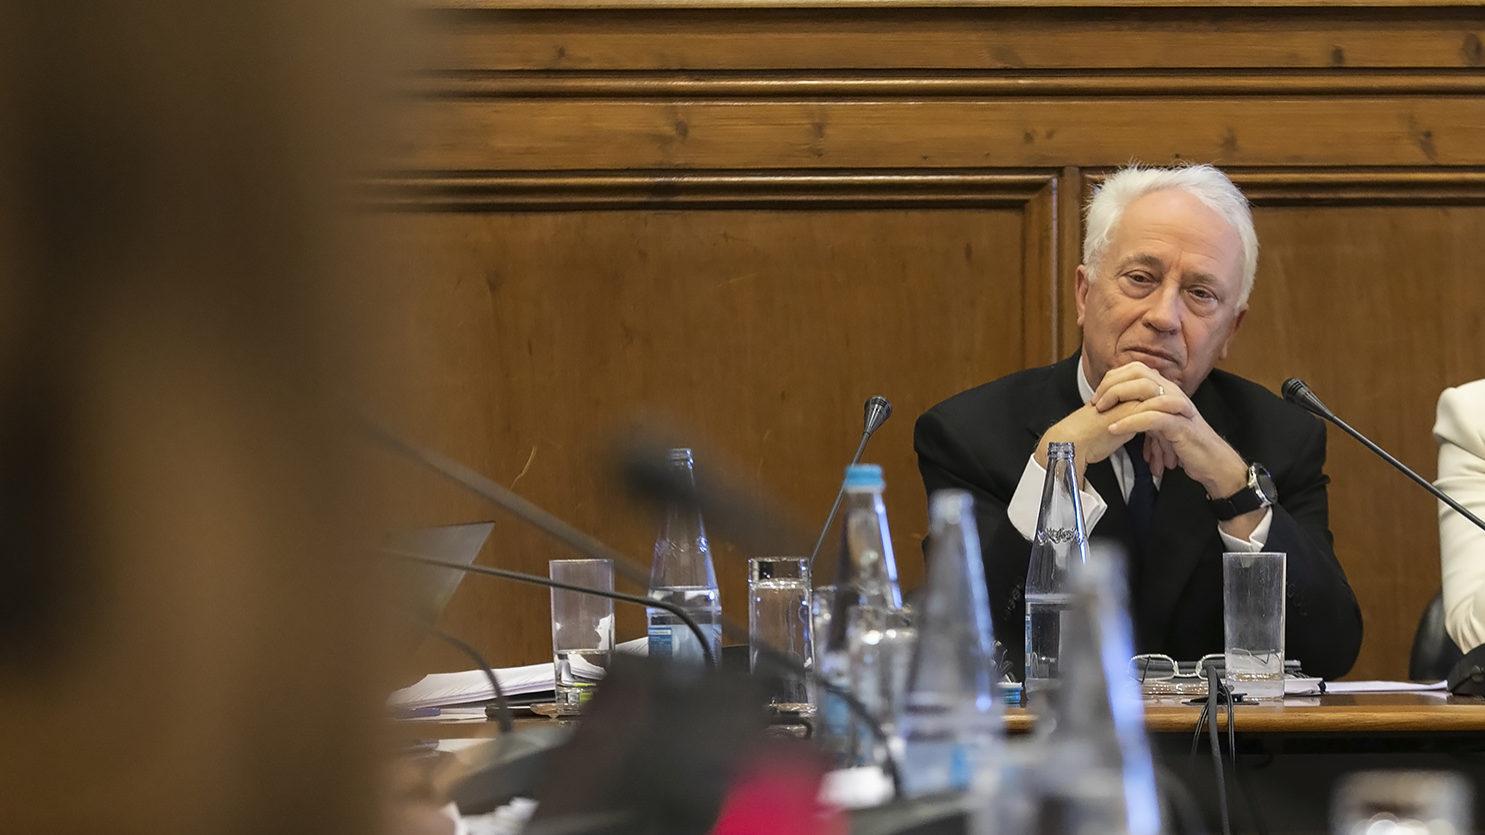 Audição do Governador do Banco de Portugal, no âmbito do requerimento apresentado pelo PS sobre o Novo Banco e do requerimento apresentado pelo BE sobre o Grupo Alicoop - 02MAI19